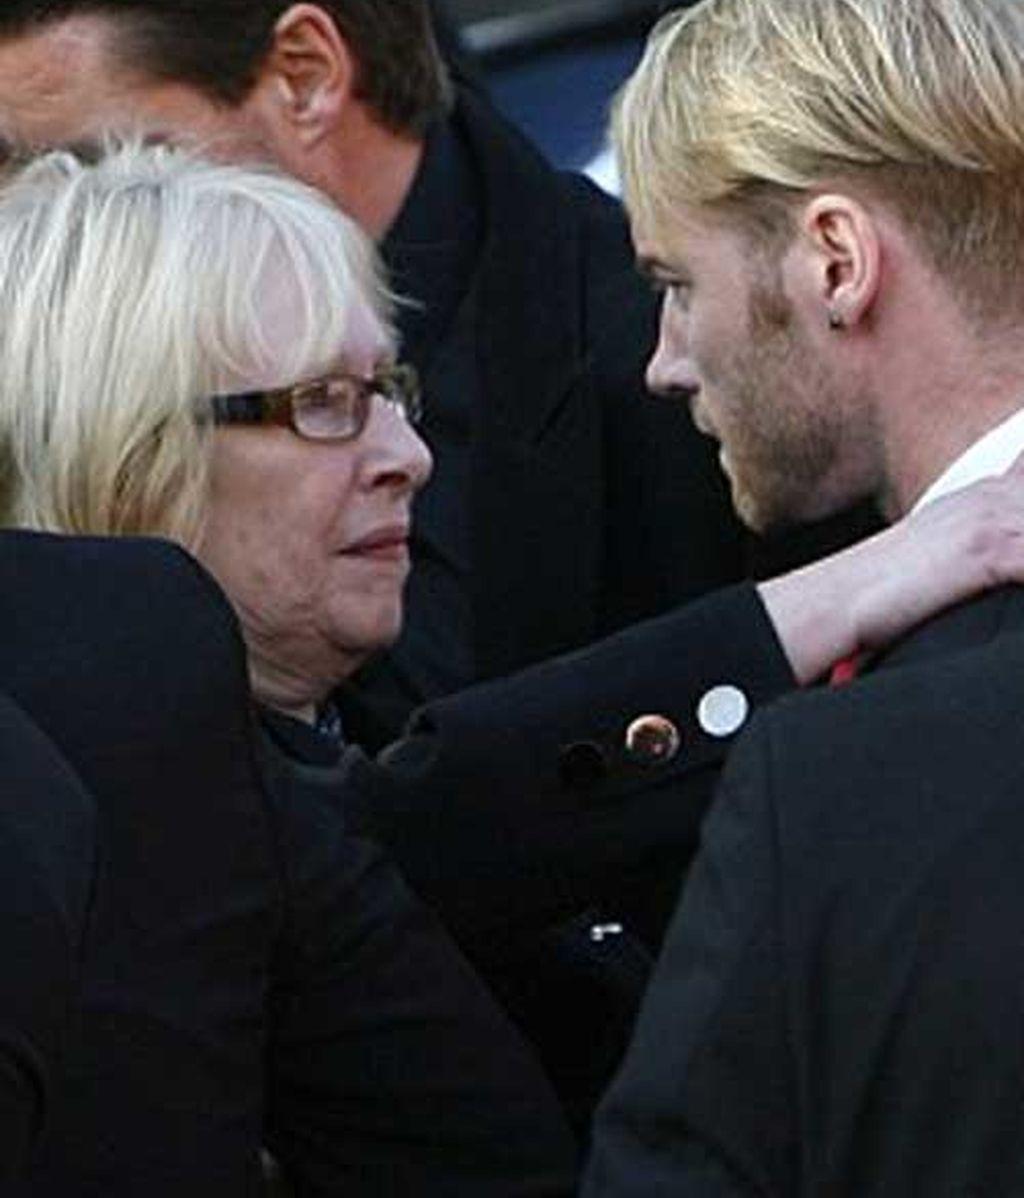 La madre de Stephen consuela a Ronan